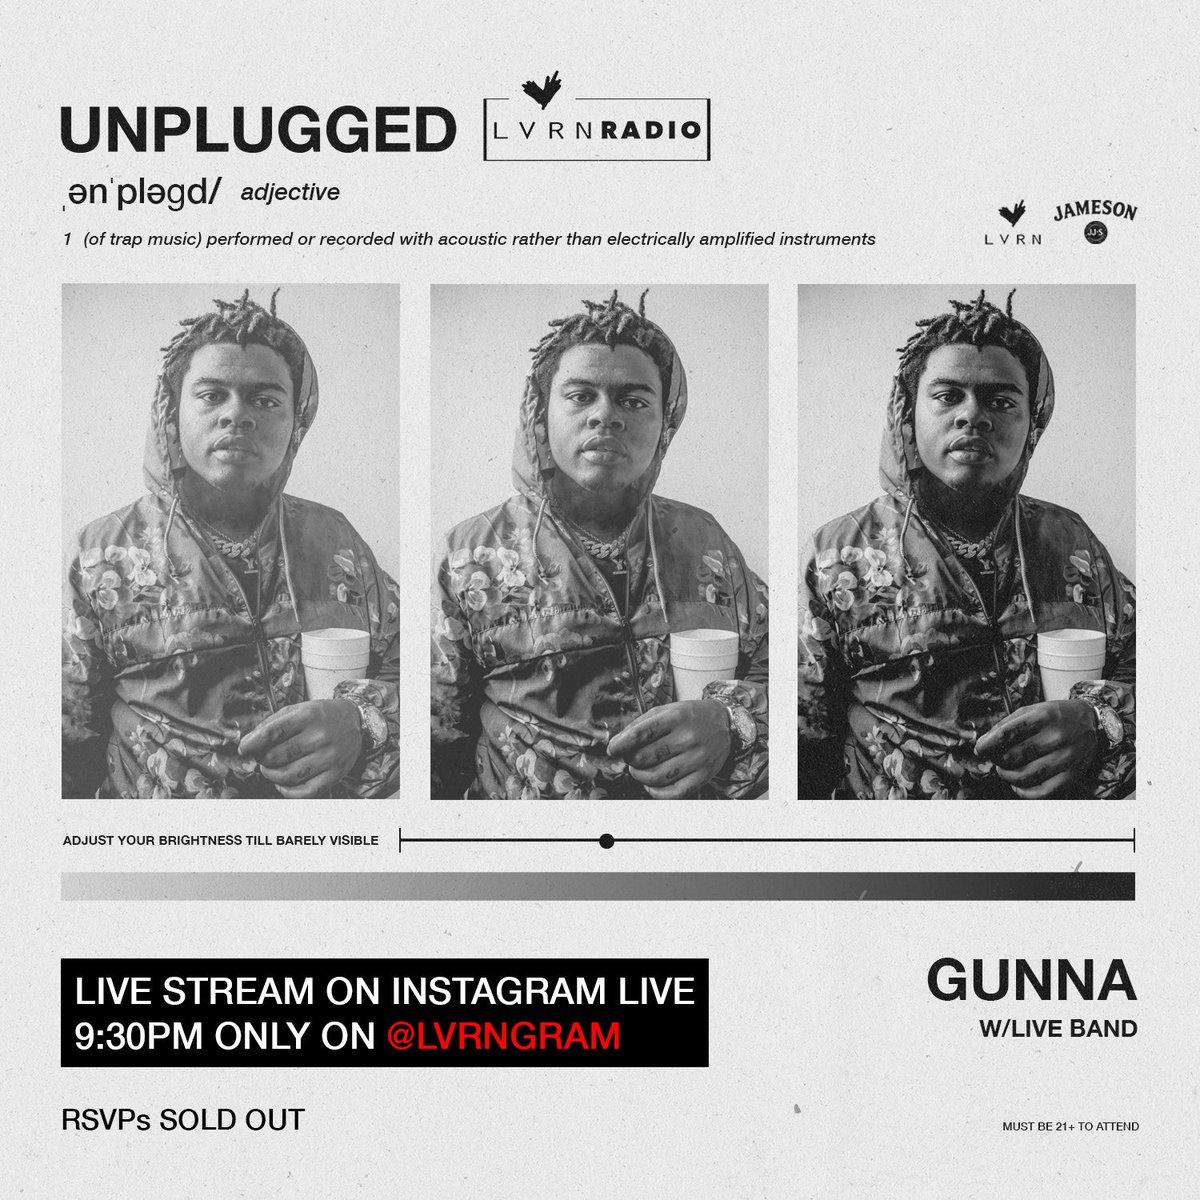 We going live with @1GunnaGunna 9:30 est 🔥📽 on LVRN Instagram